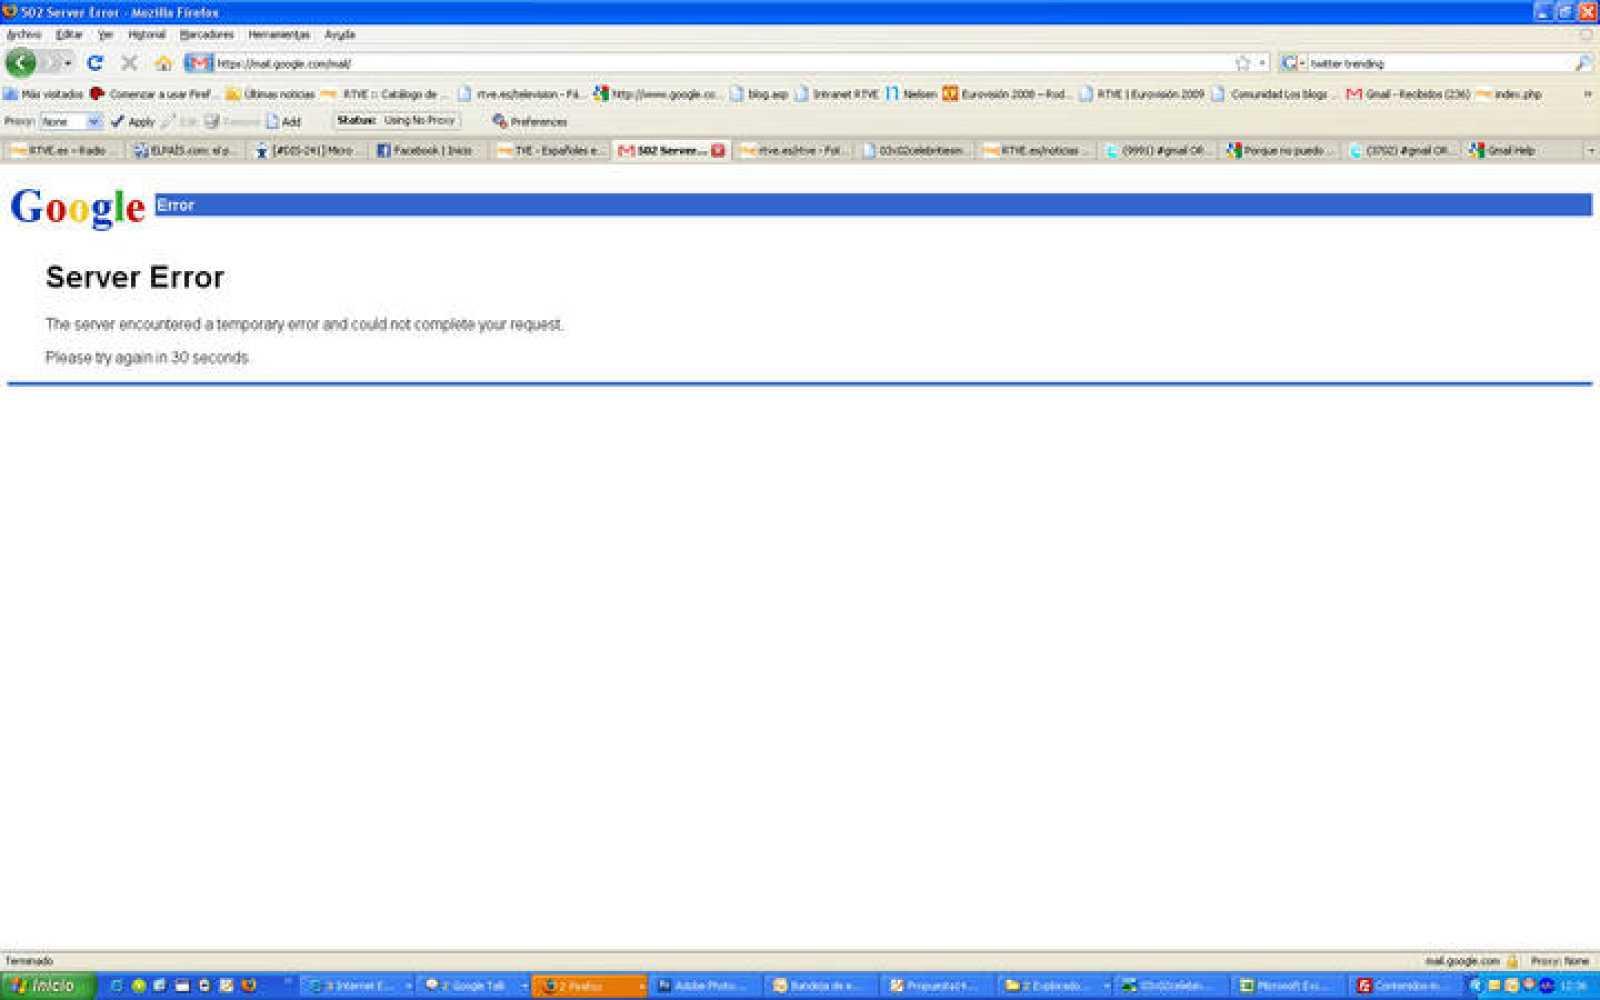 Mensaje de error que aparece en la página de Gmail cuando se intenta acceder al correo electrónico.